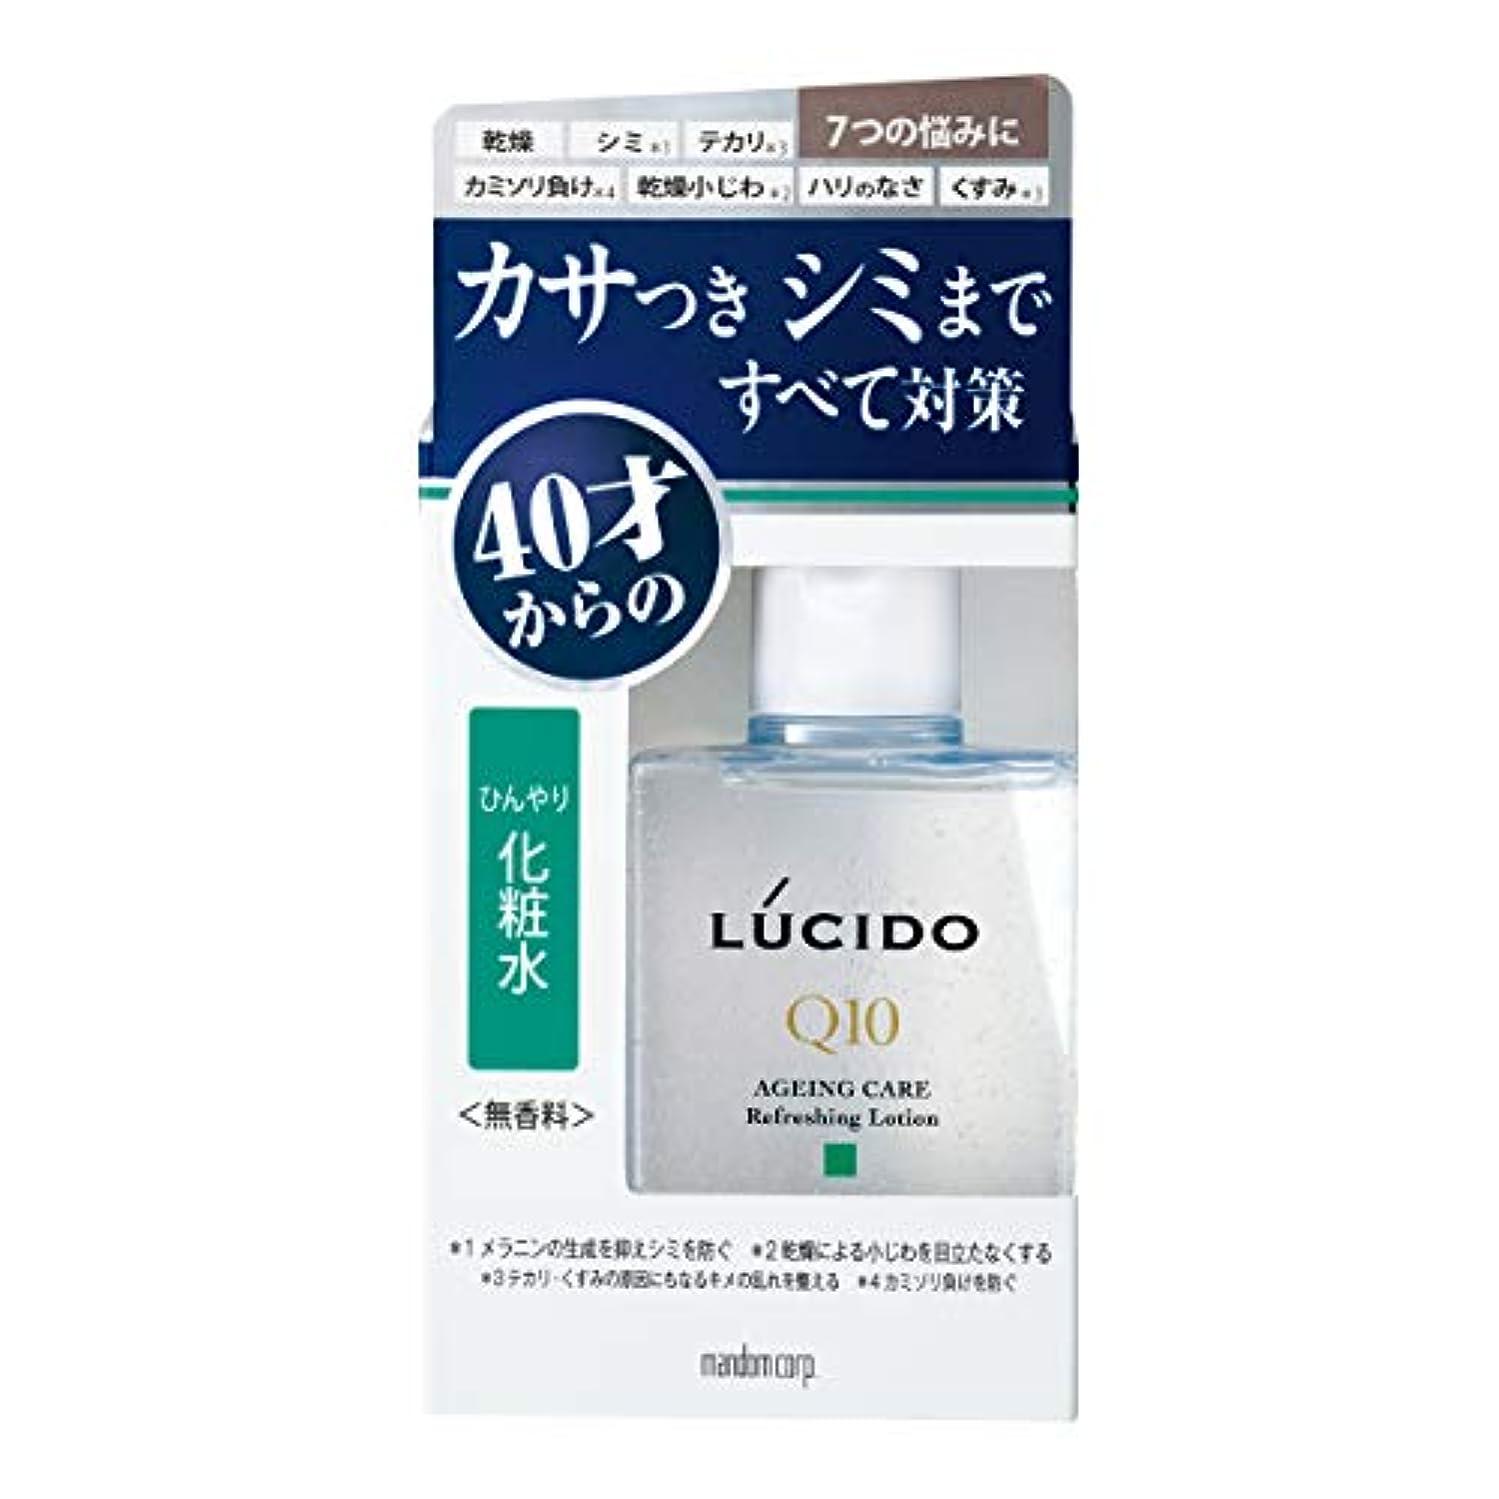 栄光容量ボトルネックルシード(LUCIDO)薬用 トータルケアひんやり化粧水 メンズ スキンケア さっぱり 110ml(医薬部外品)